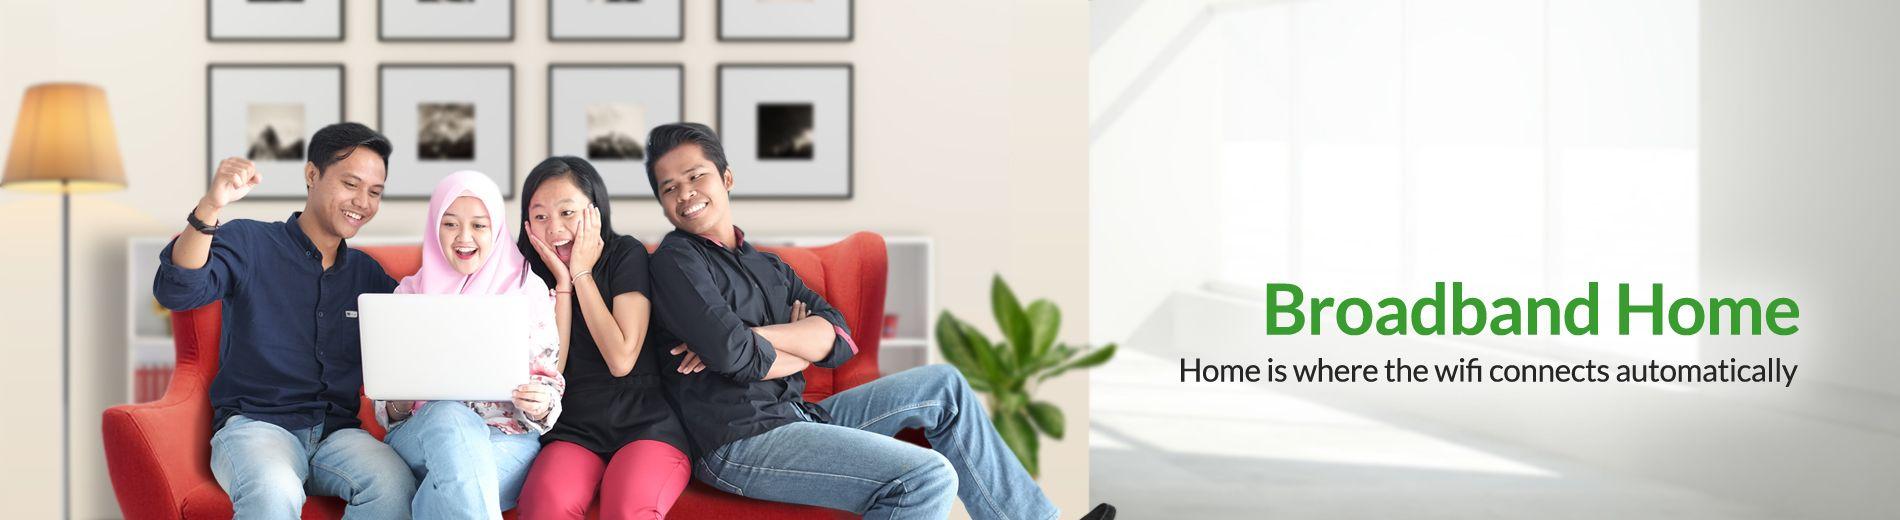 broadband-home-compressor